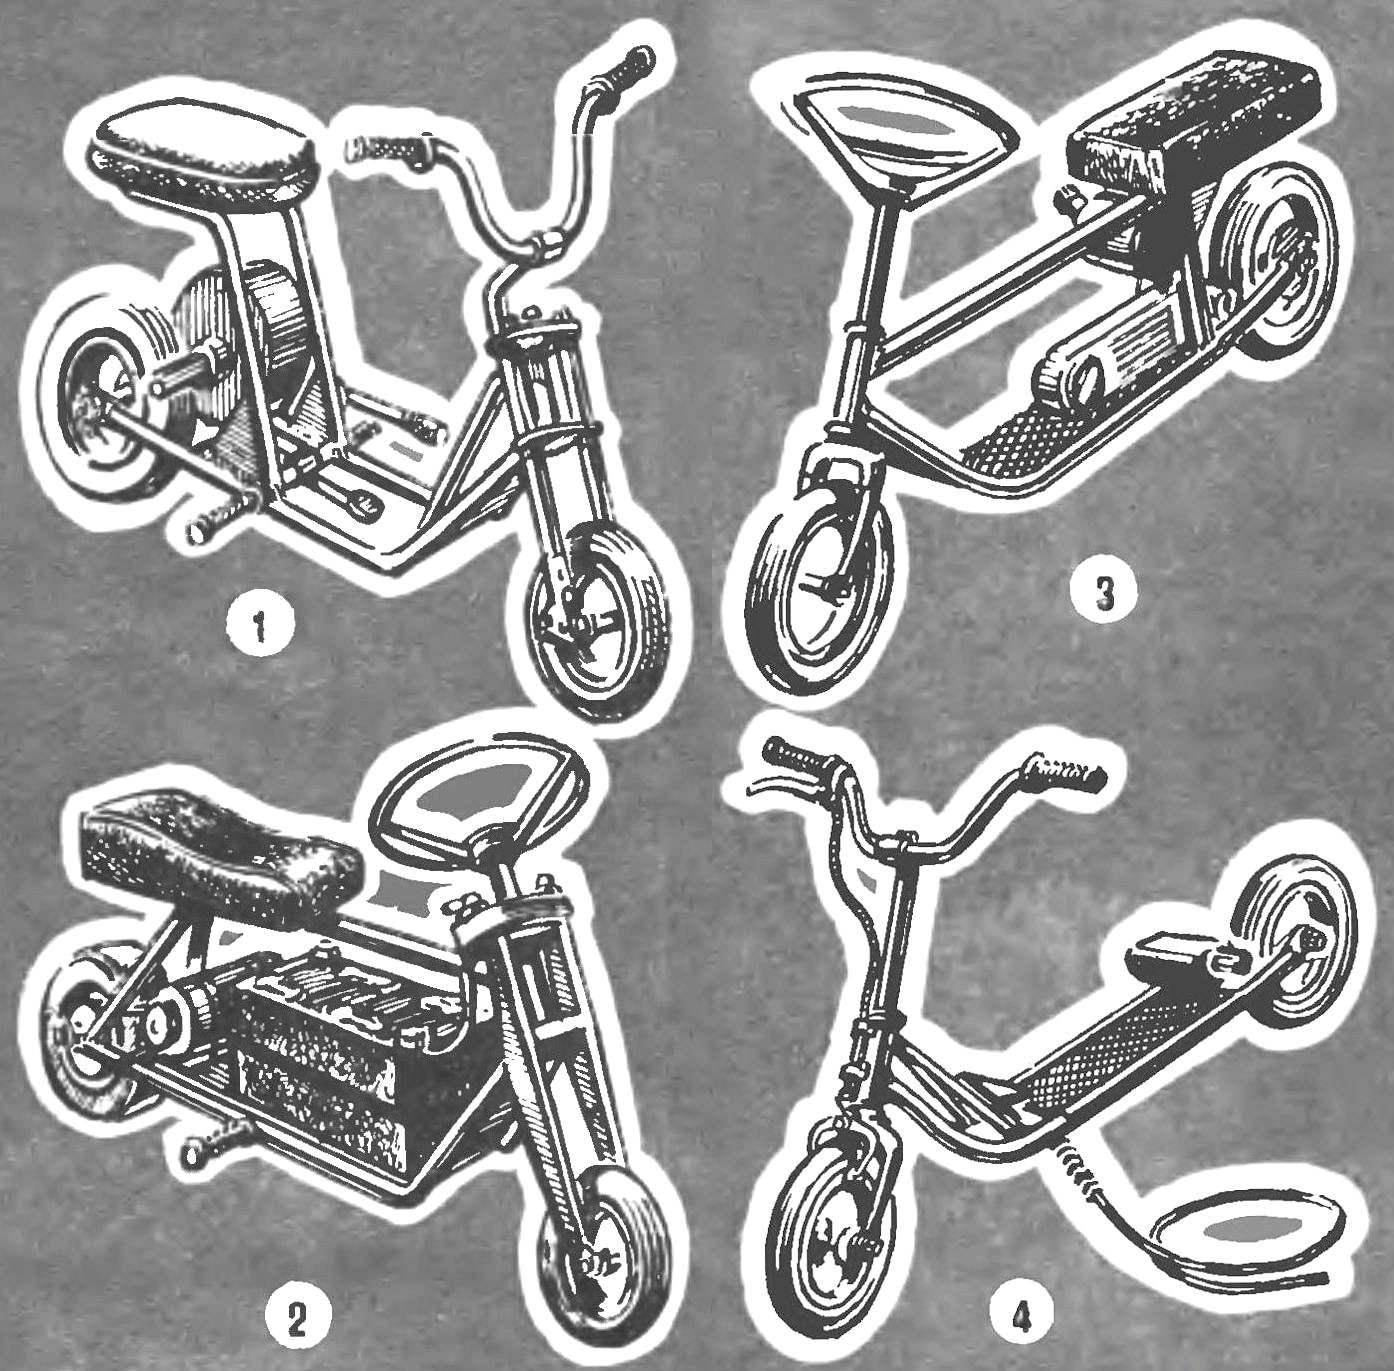 Не менее интересные микромотороплеры и микромотоциклы, построенные нашими читателями